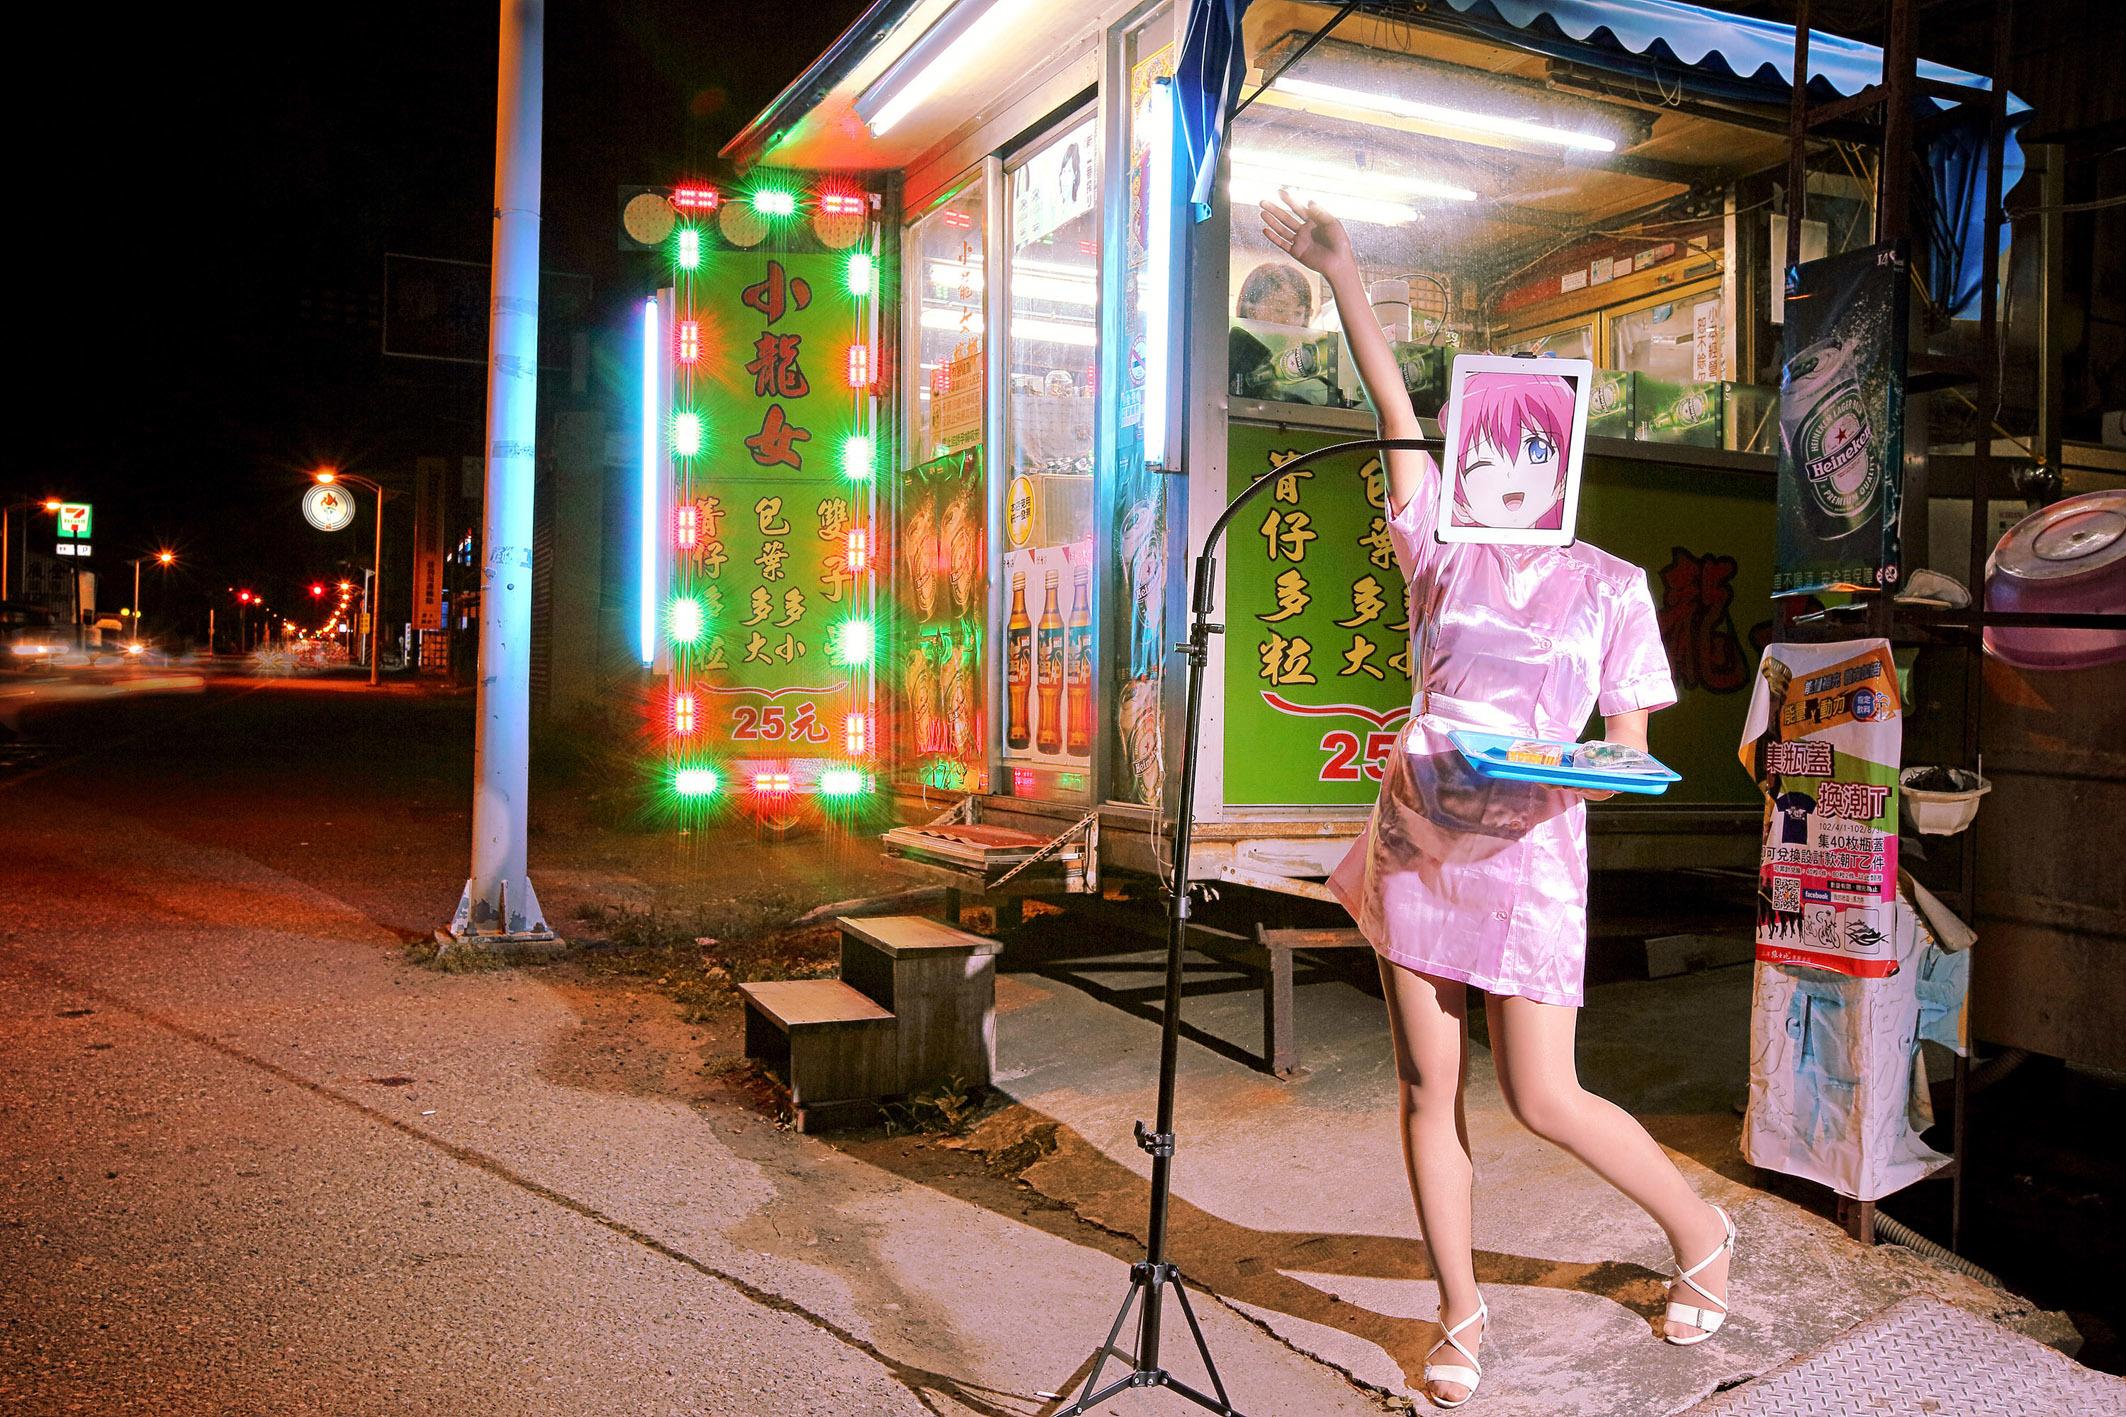 シム・チャン(台湾、1983)《檳榔樹(びんろうじゅ)売りの少女》(C)Sim Chang